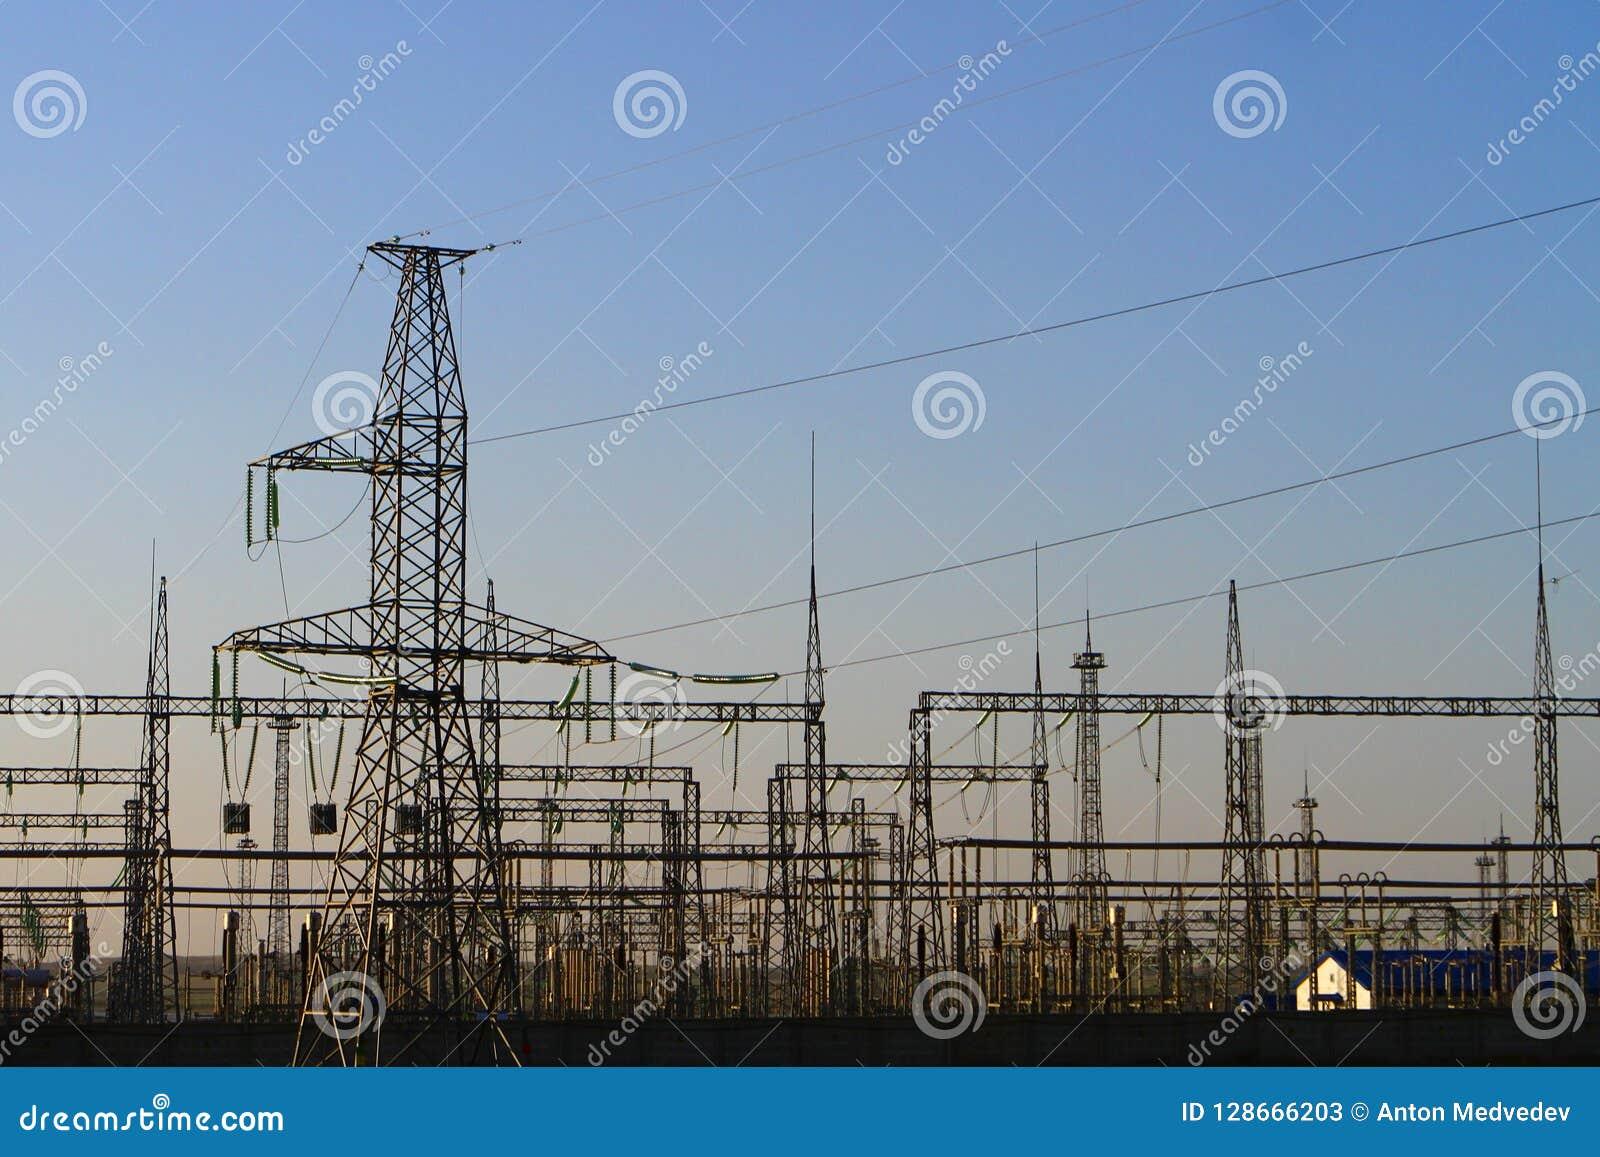 Hög spänning står högt med himmelbakgrund - industriell bild